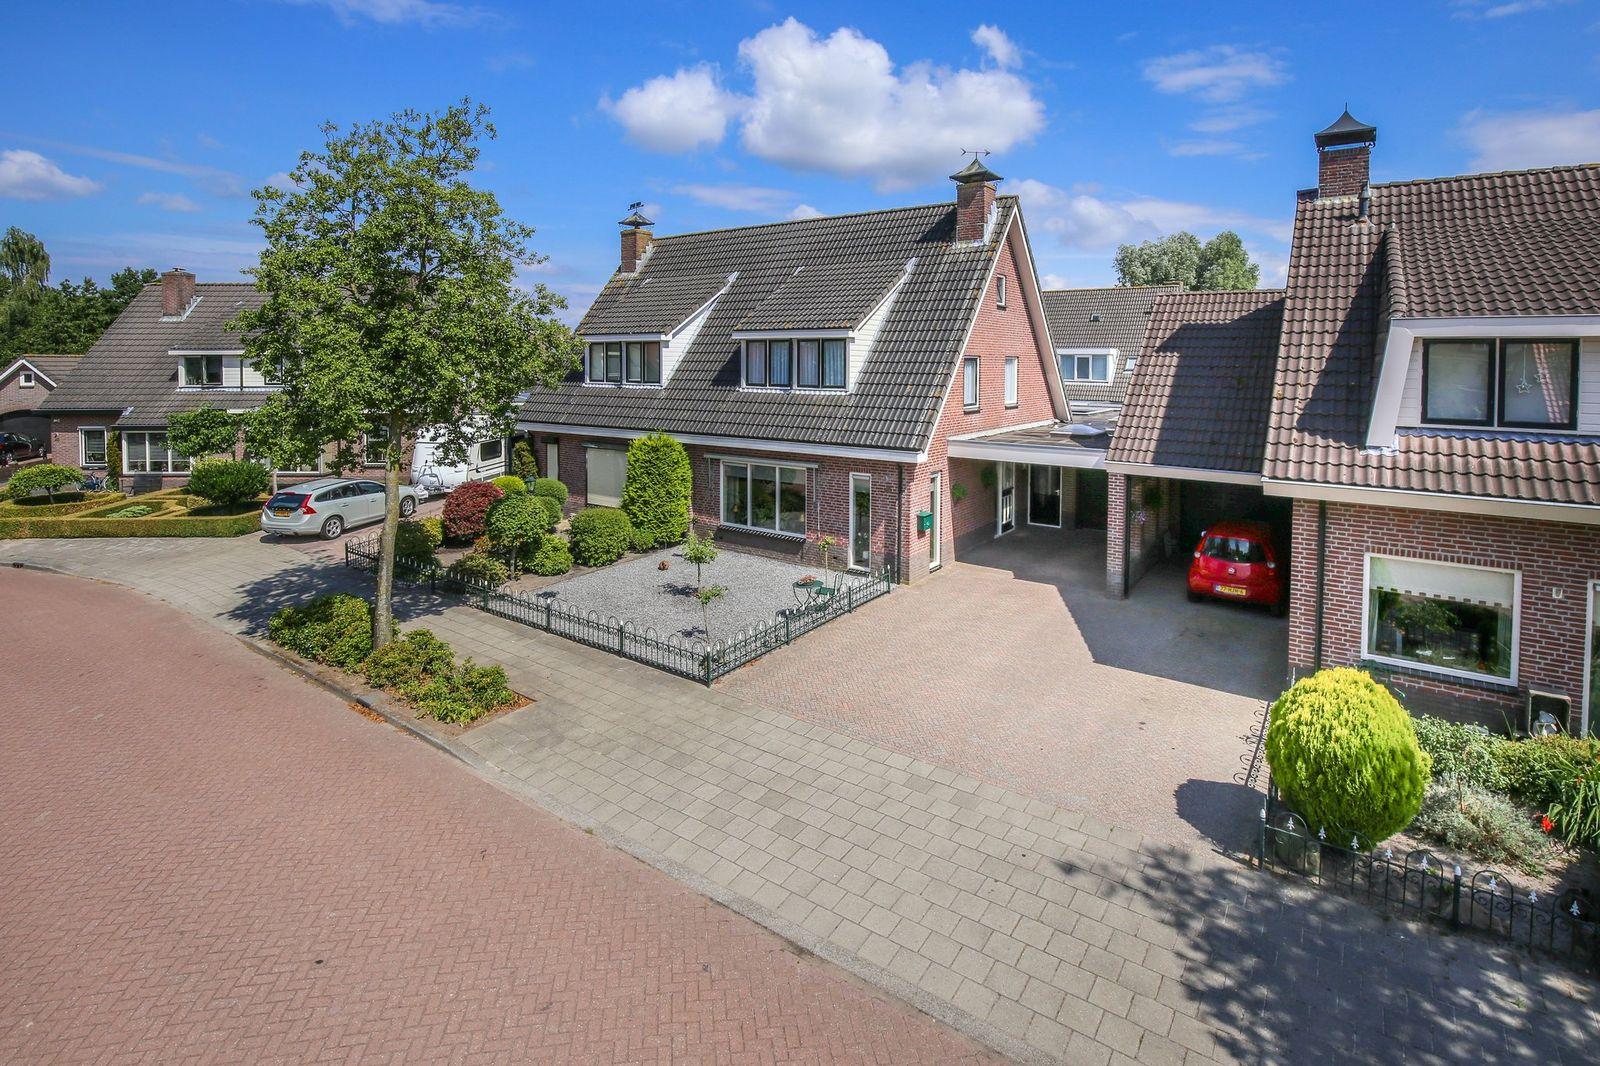 Dirk Ruitenbeekstraat 46, Nijkerkerveen